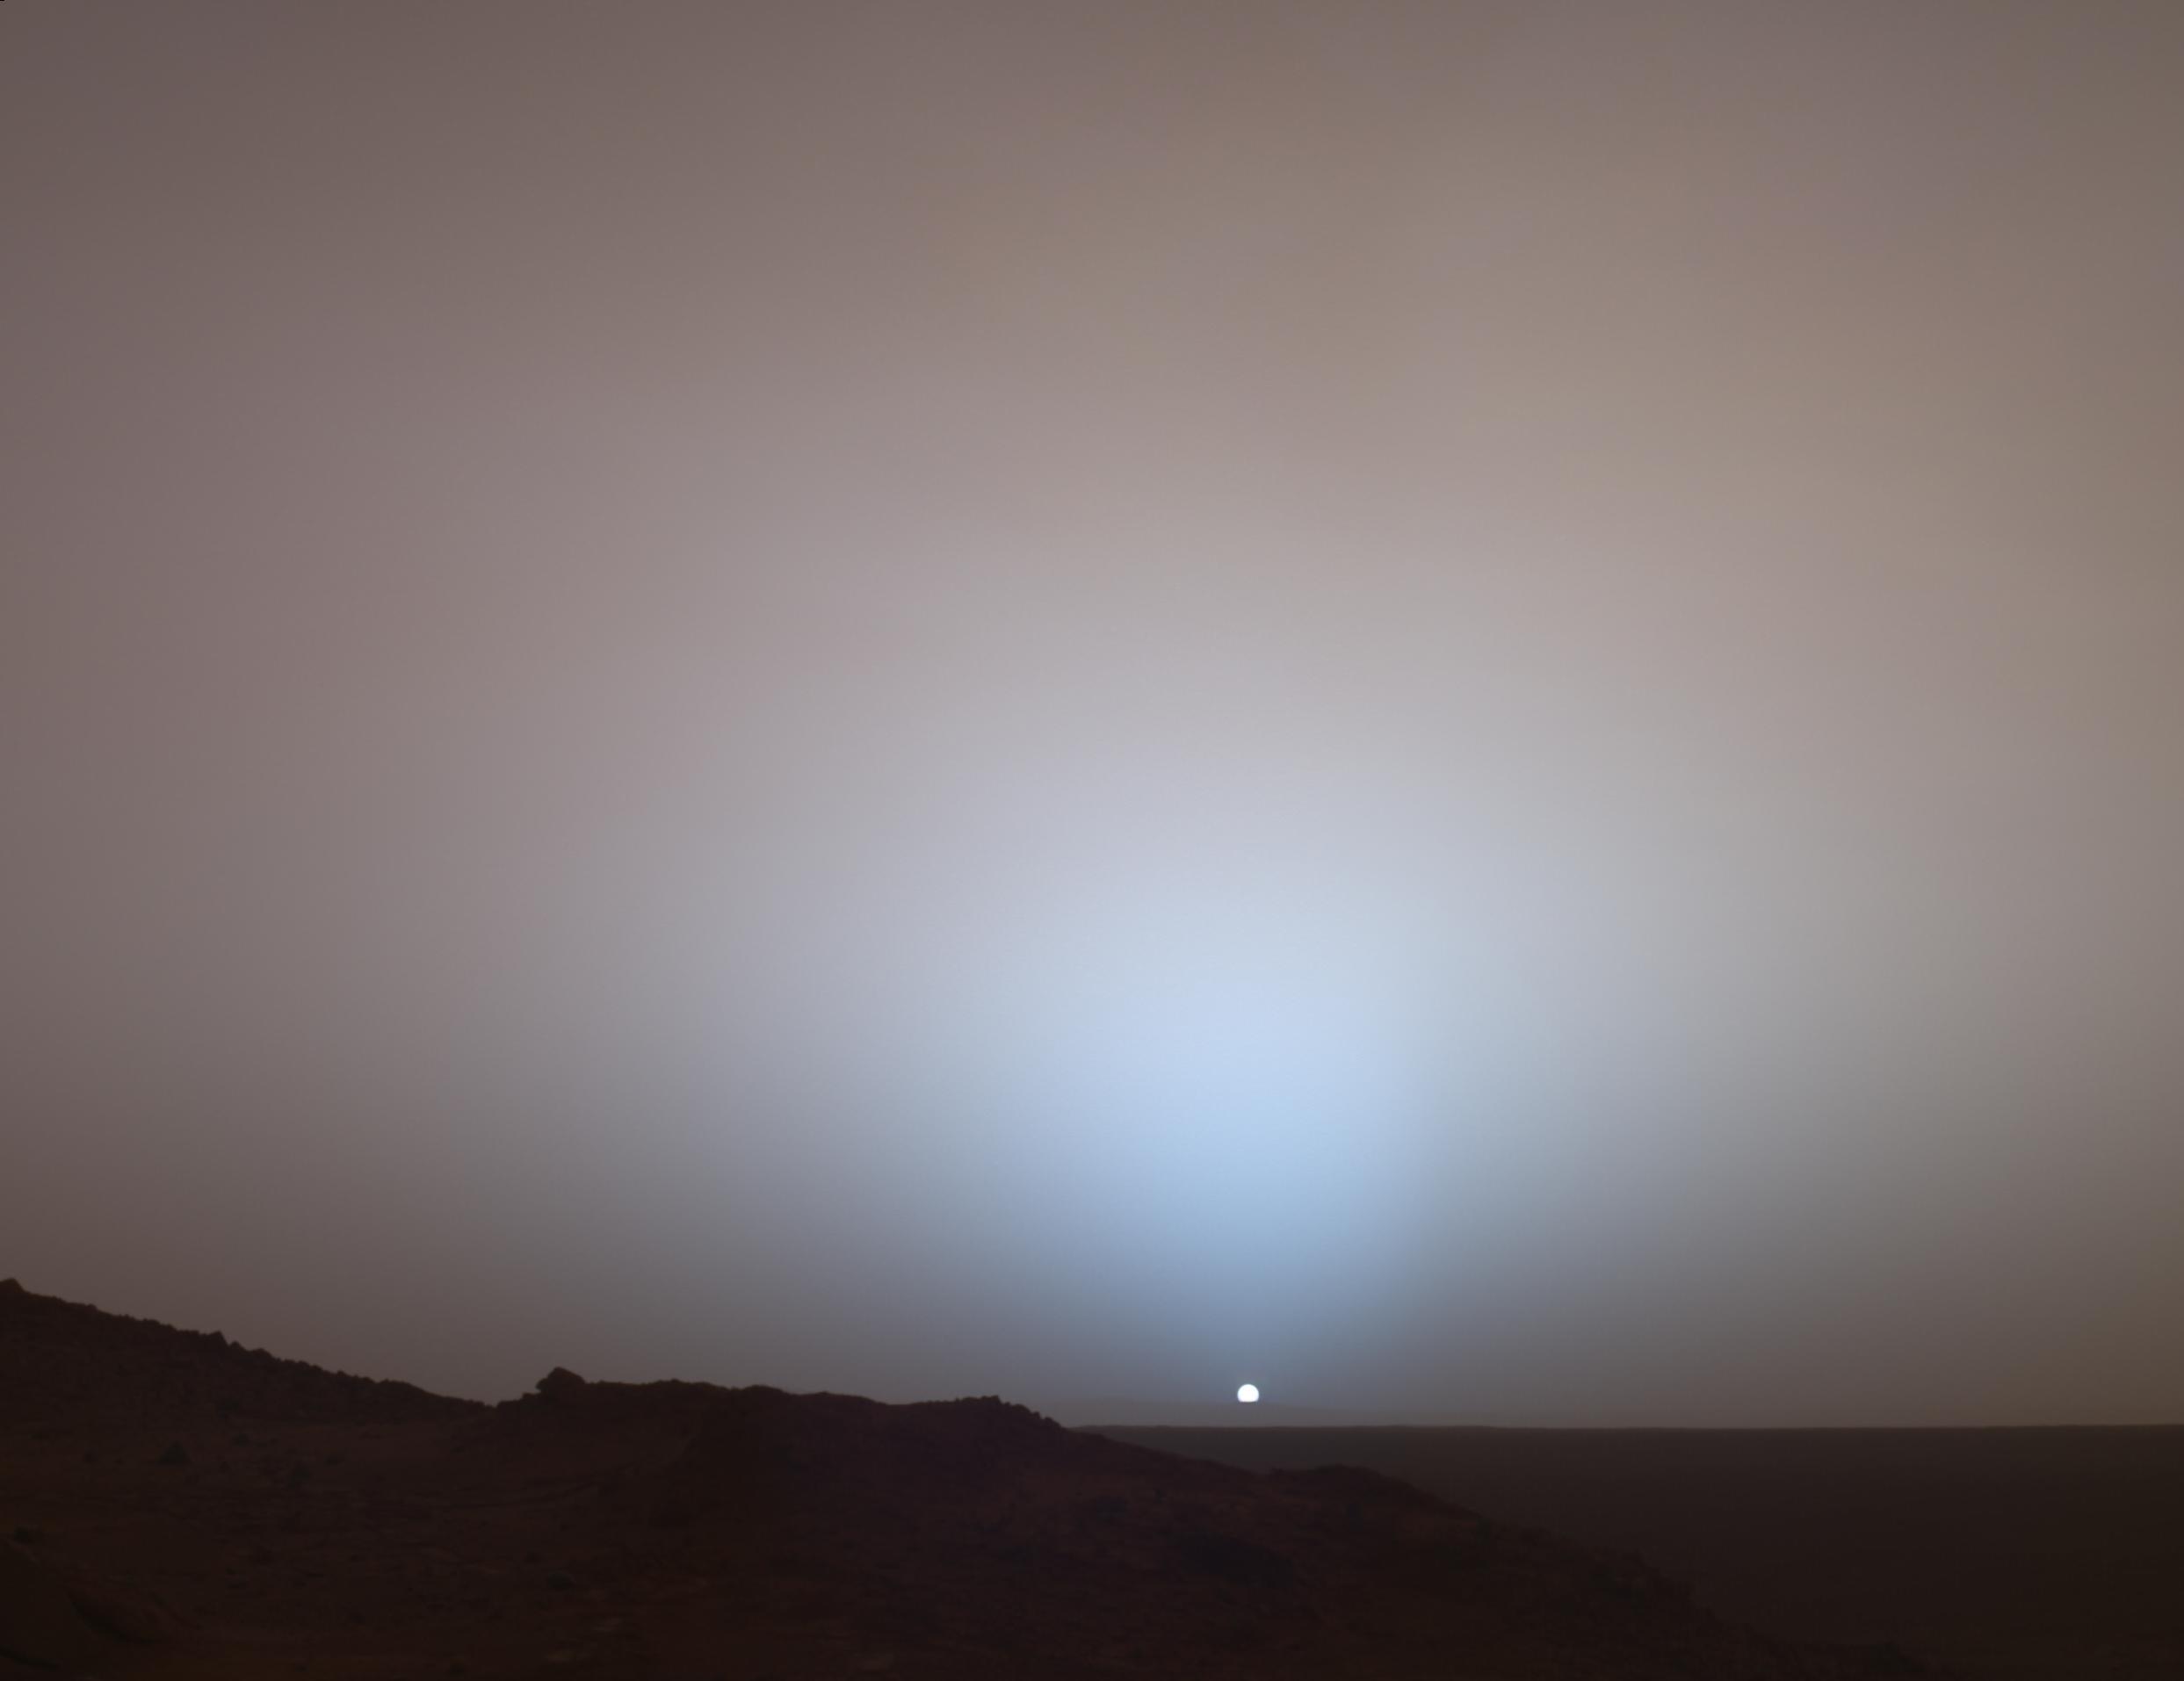 Mars zdjęcie zachodu słońca